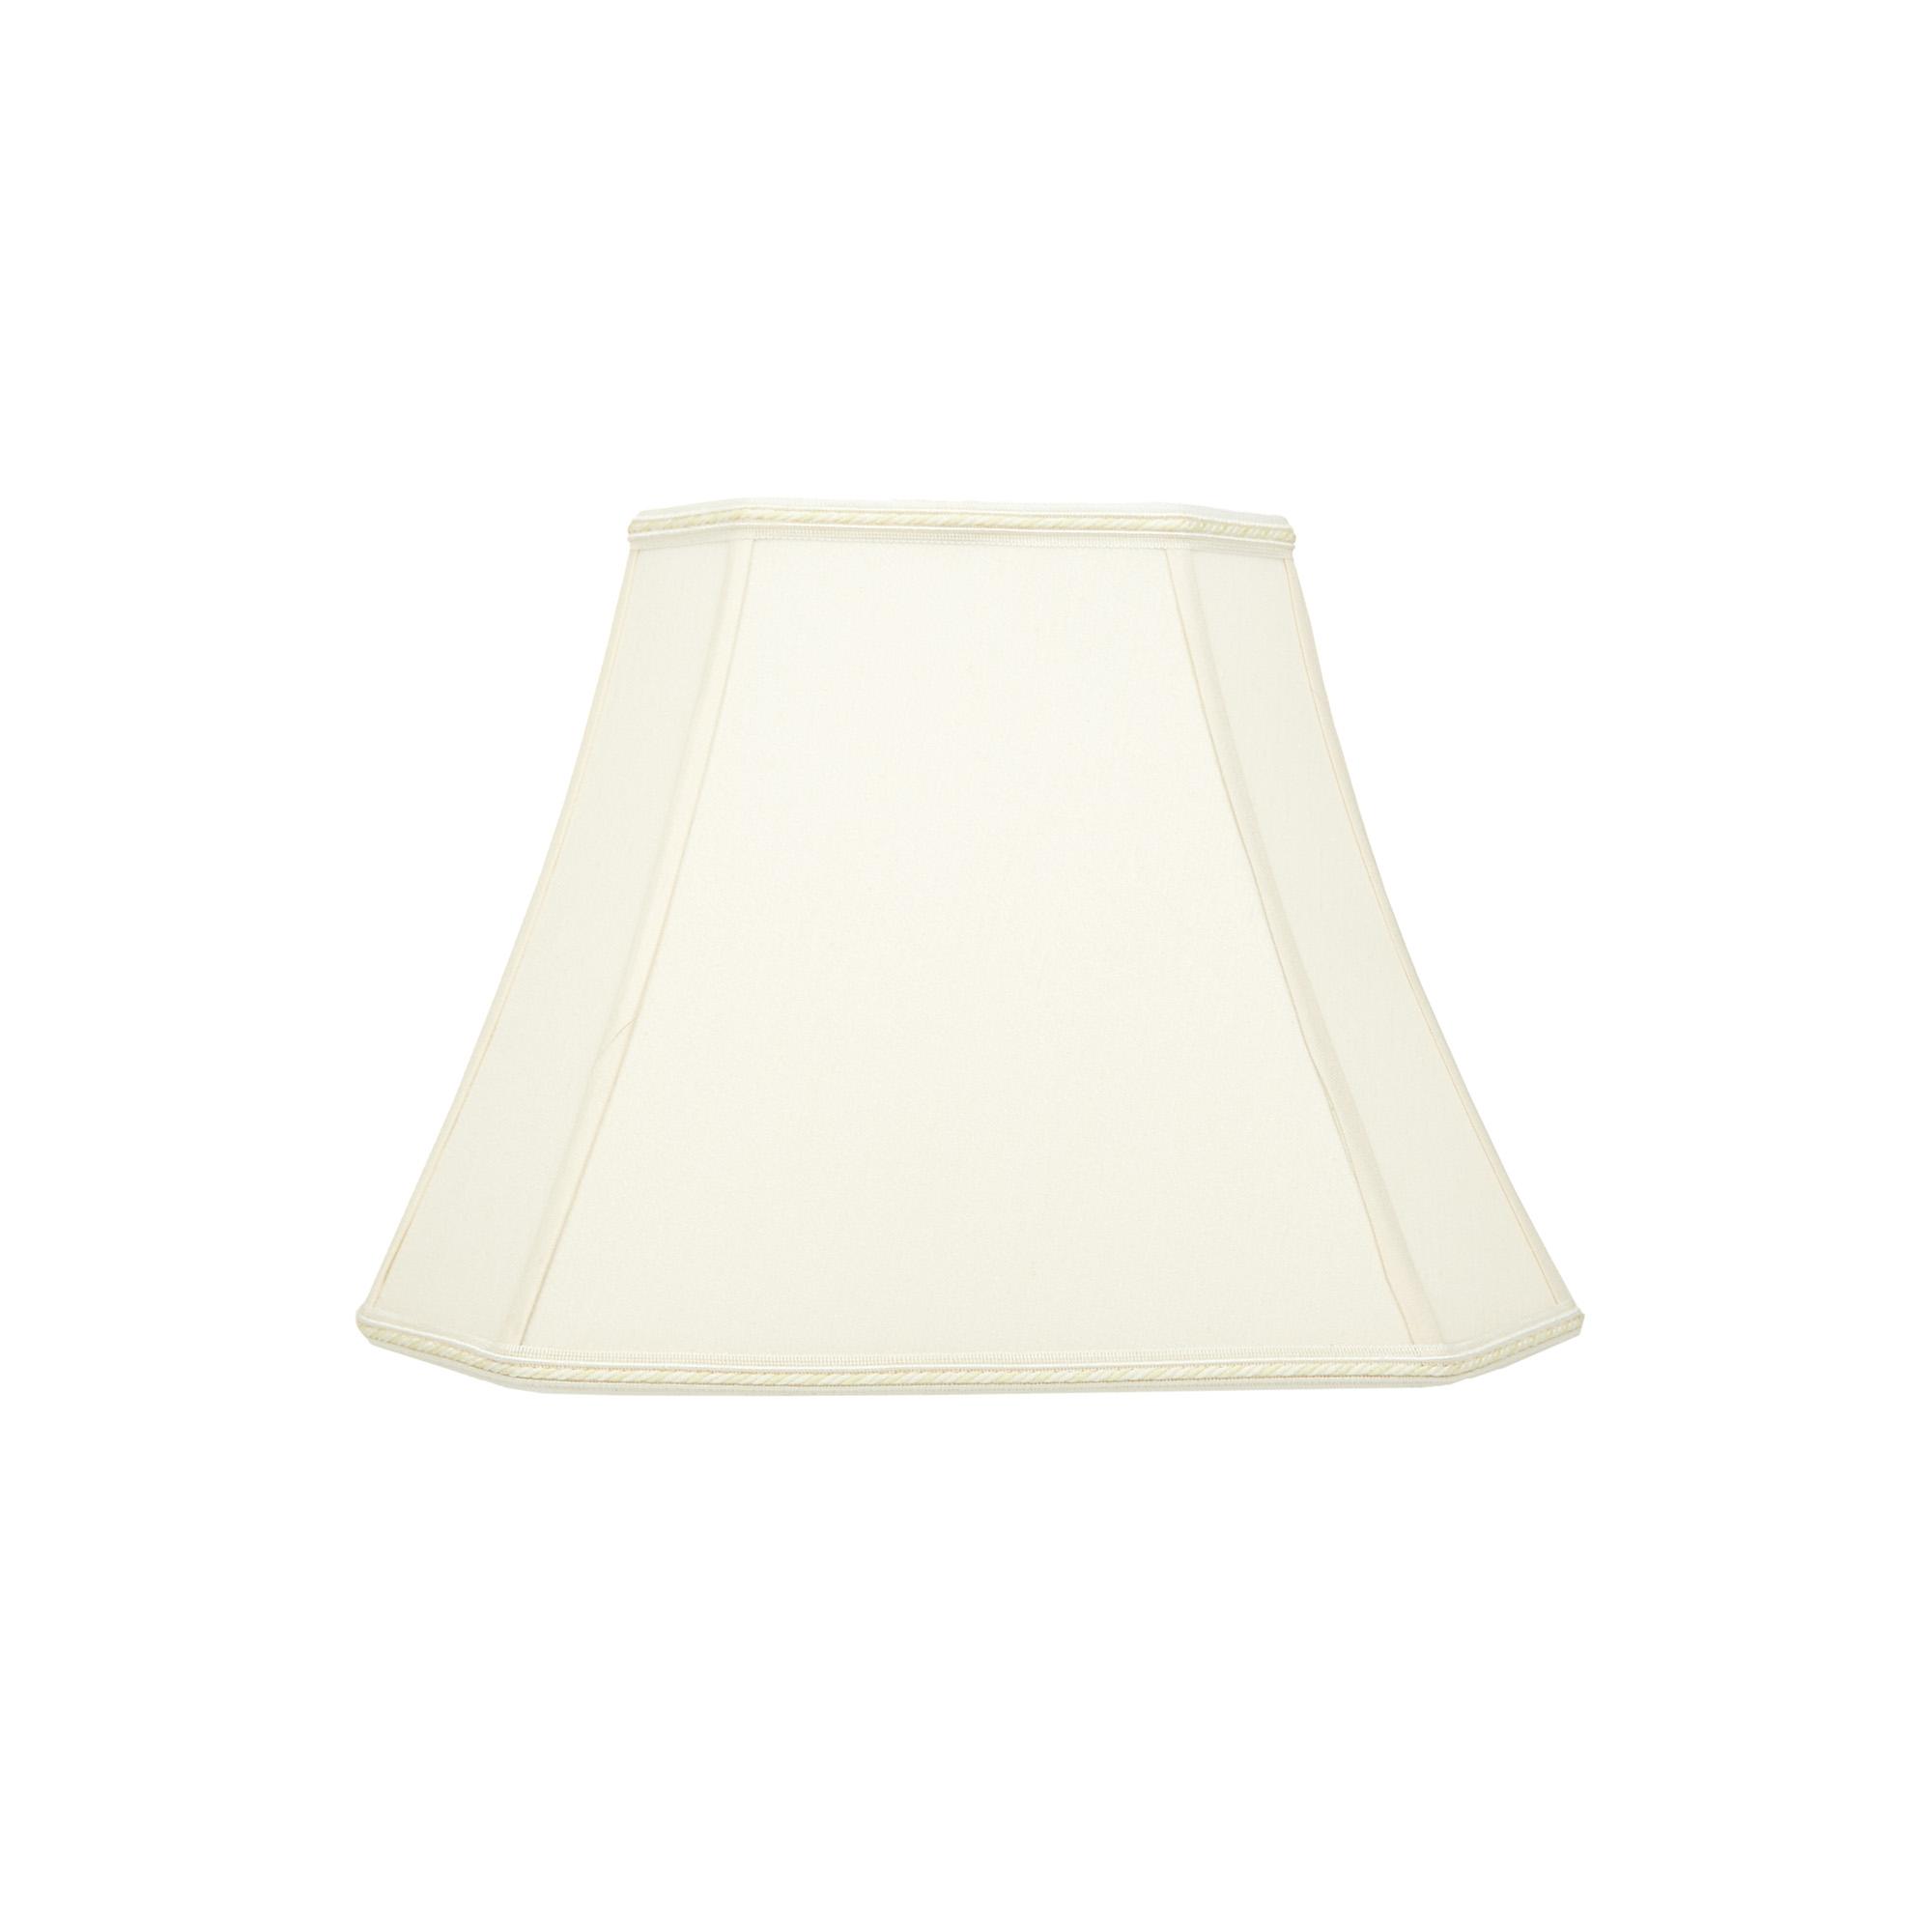 Lamp Shade1-01-13.jpg